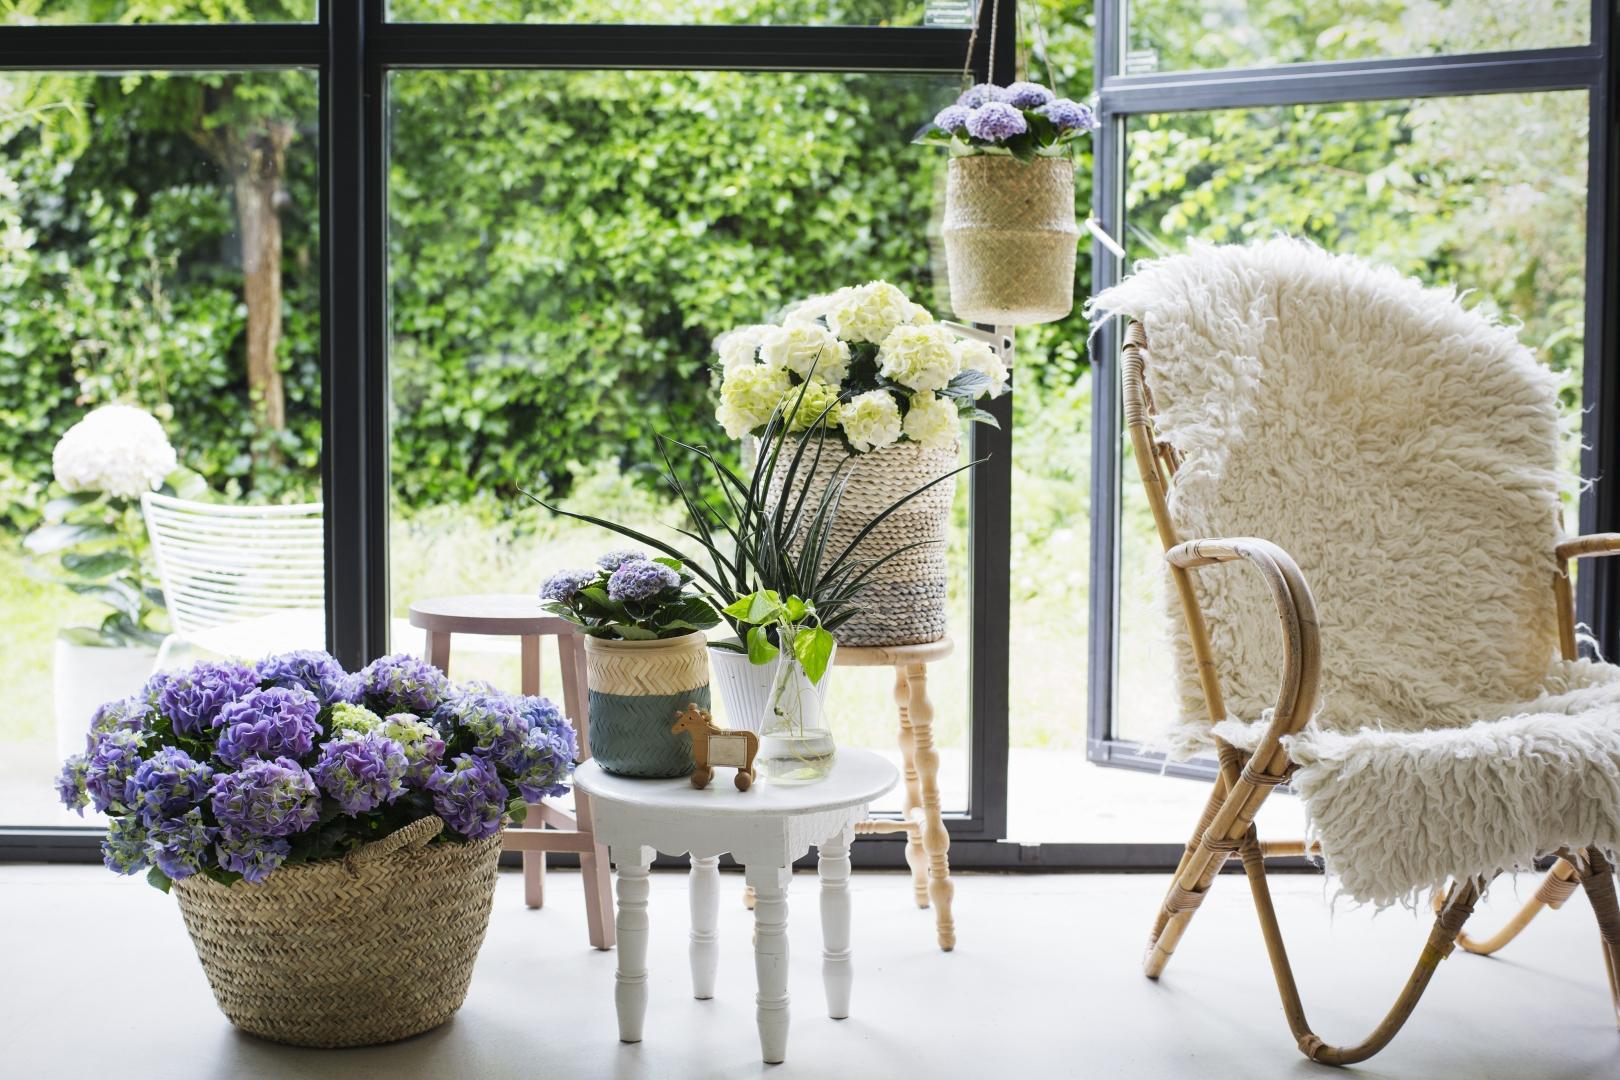 Groen wonen   Kamerhortensia in groen trend 'Equalise' - Woonblog StijlvolStyling.com